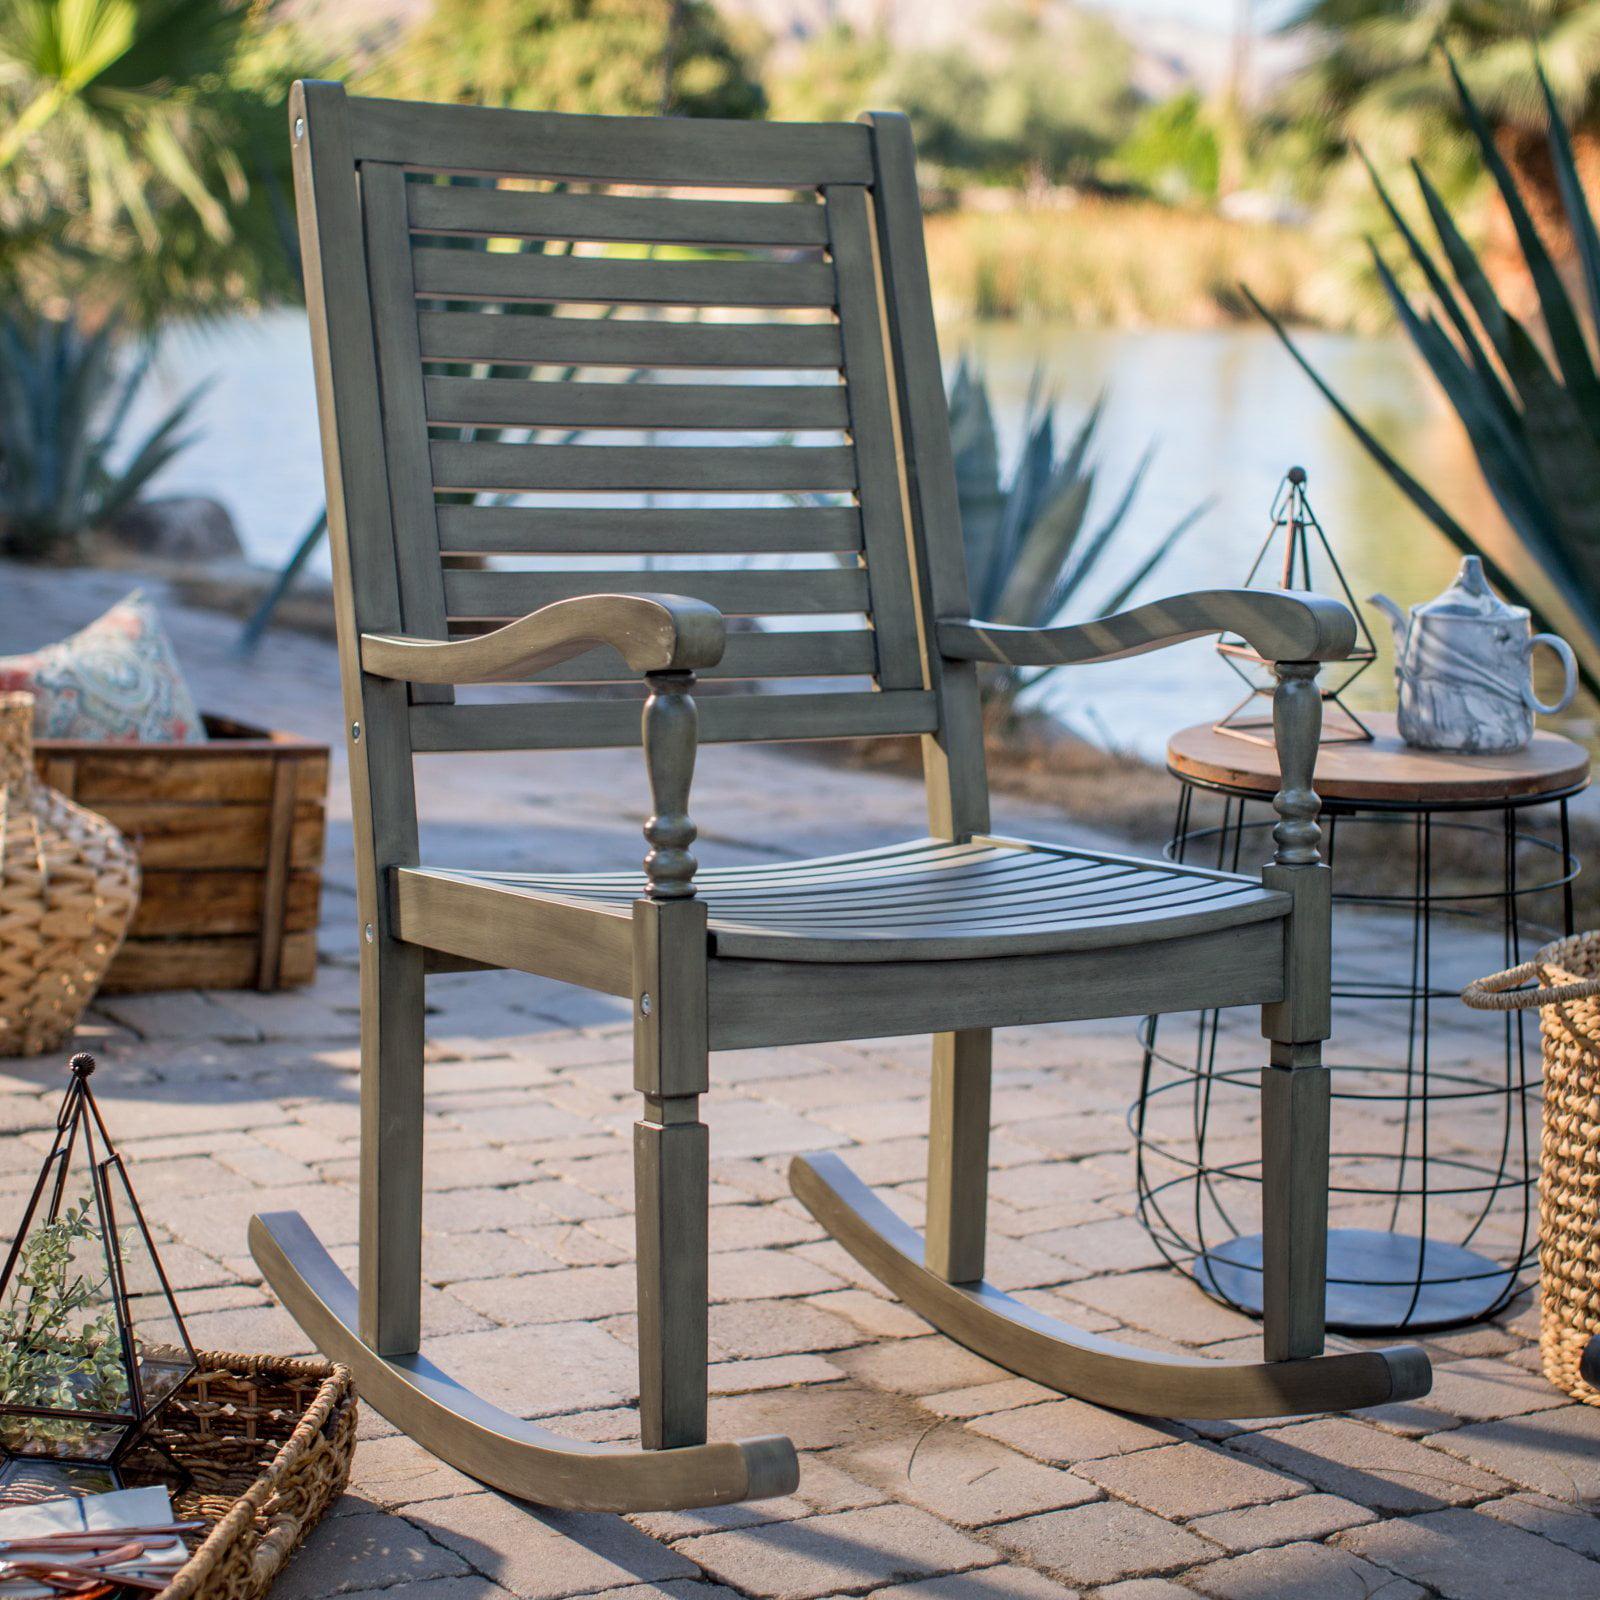 Belham Living Cottonwood Indoor/Outdoor Wood Rocking Chair - Gray